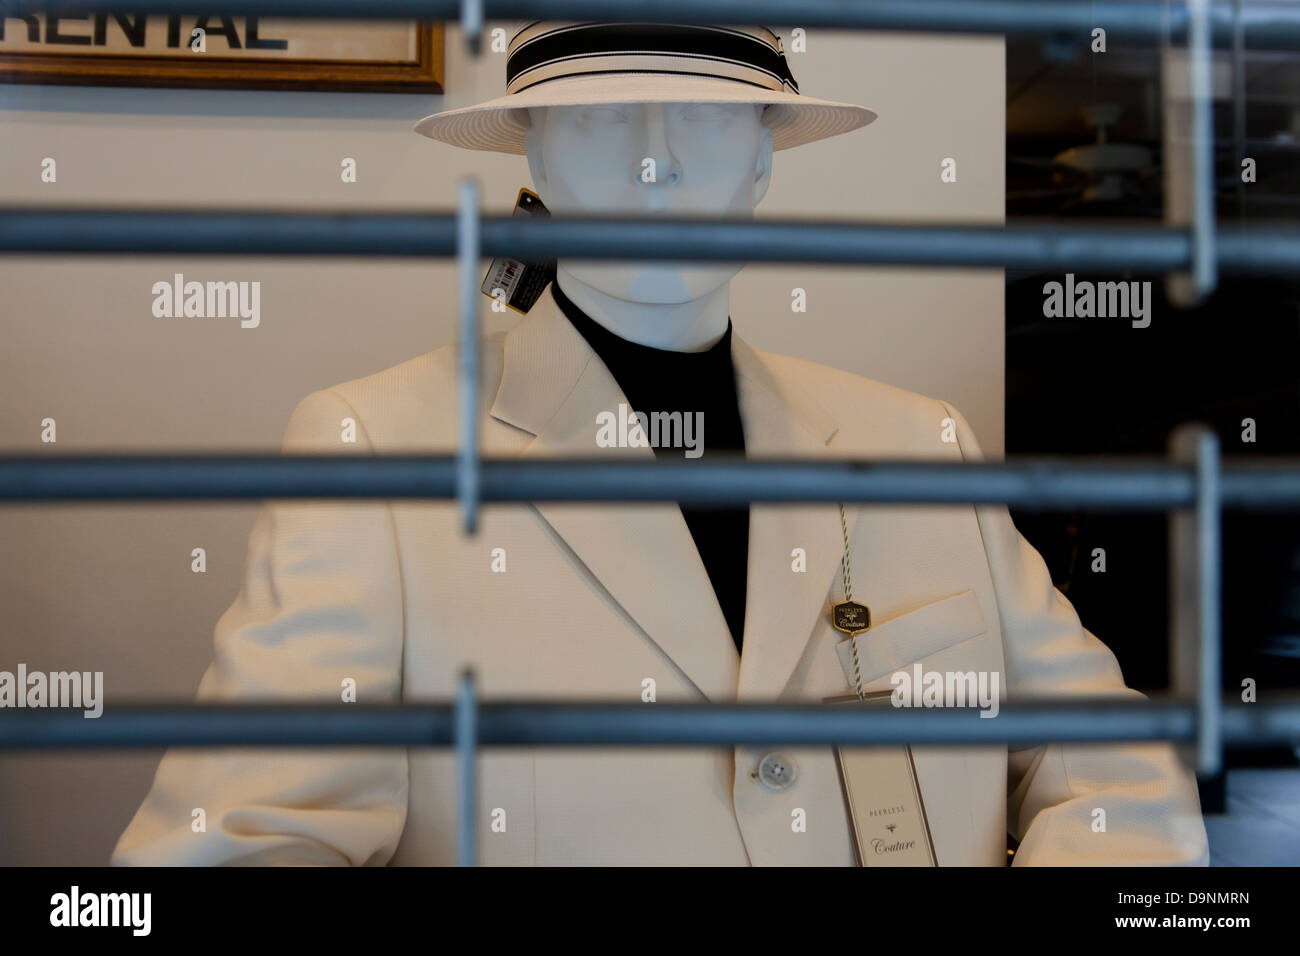 Hombre de negocios en traje maniqui detrás del obturador prohibido Imagen De Stock